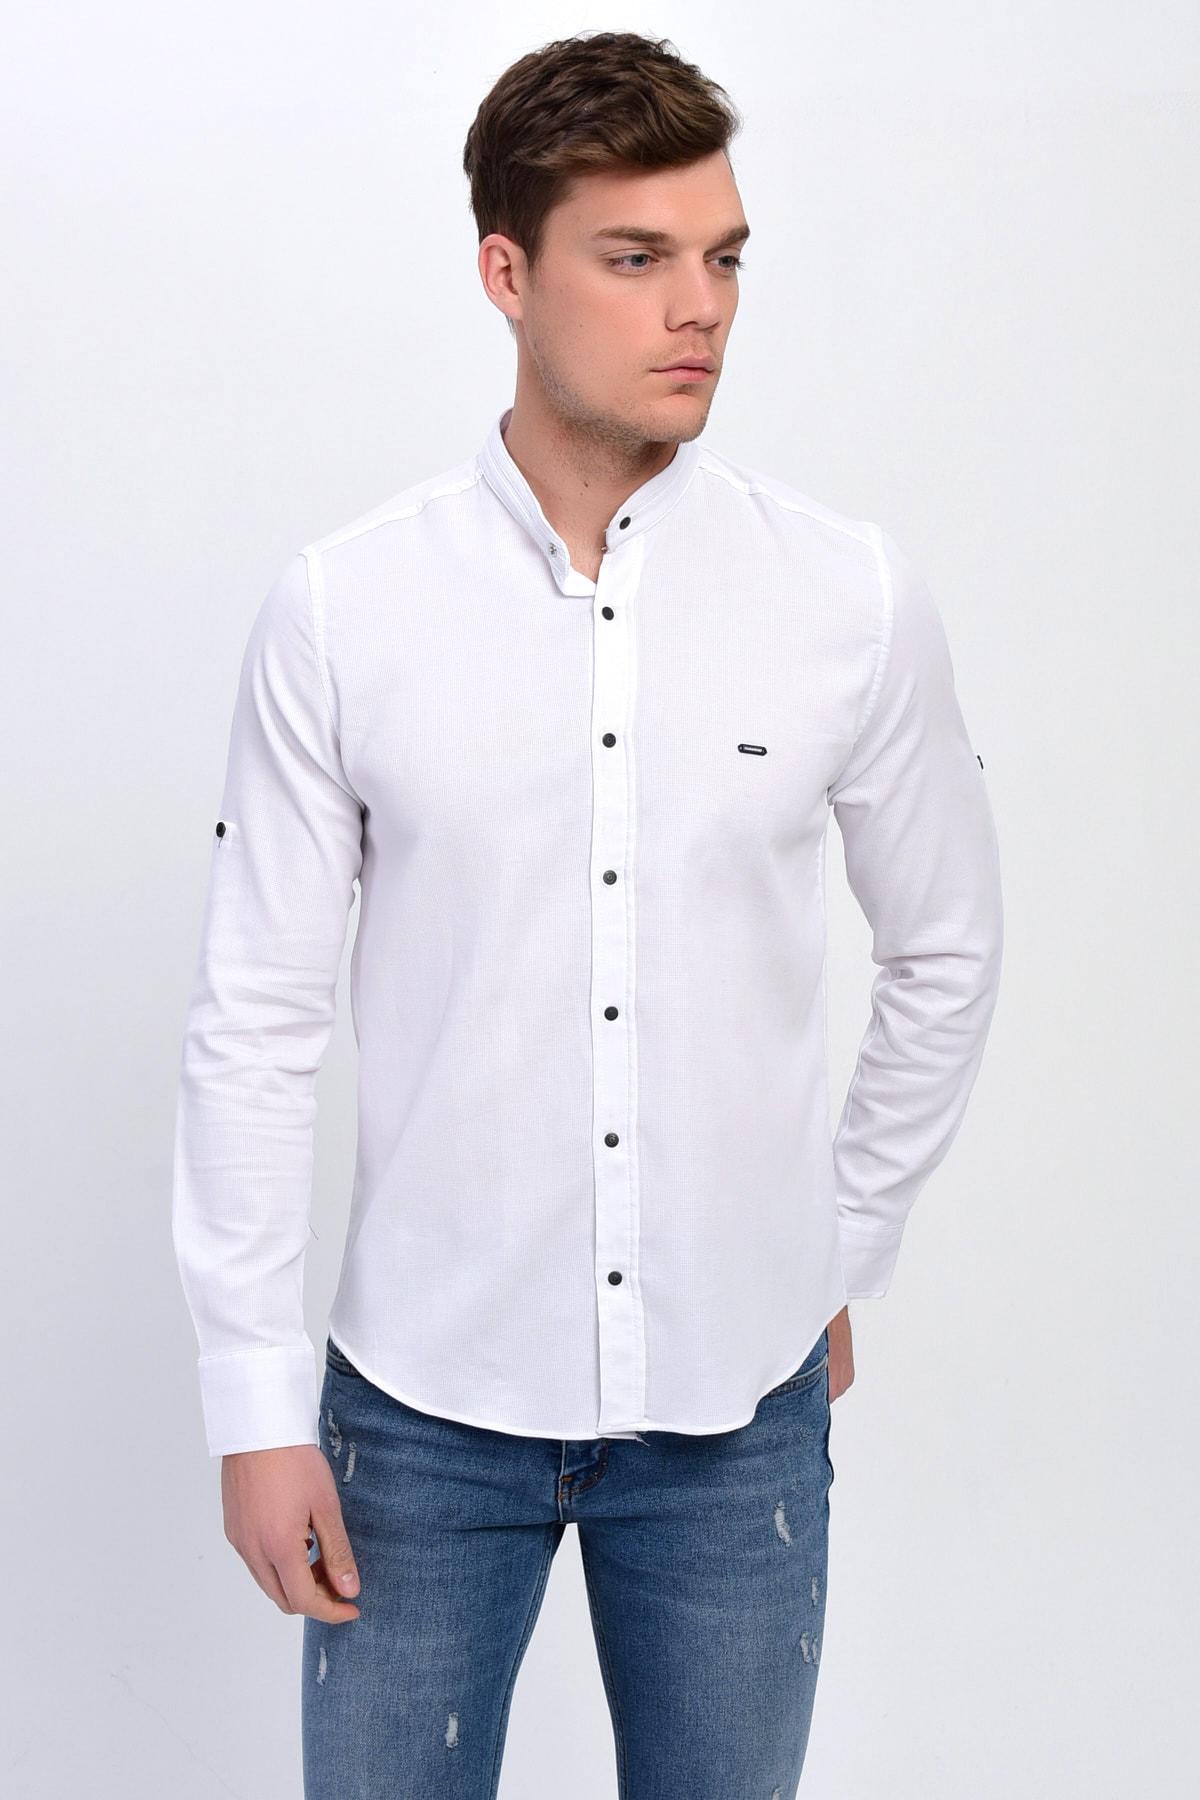 DYNAMO Erkek Beyaz Hakim Yaka Çıtçıtlı Slim Fit Likralı Gömlek 2